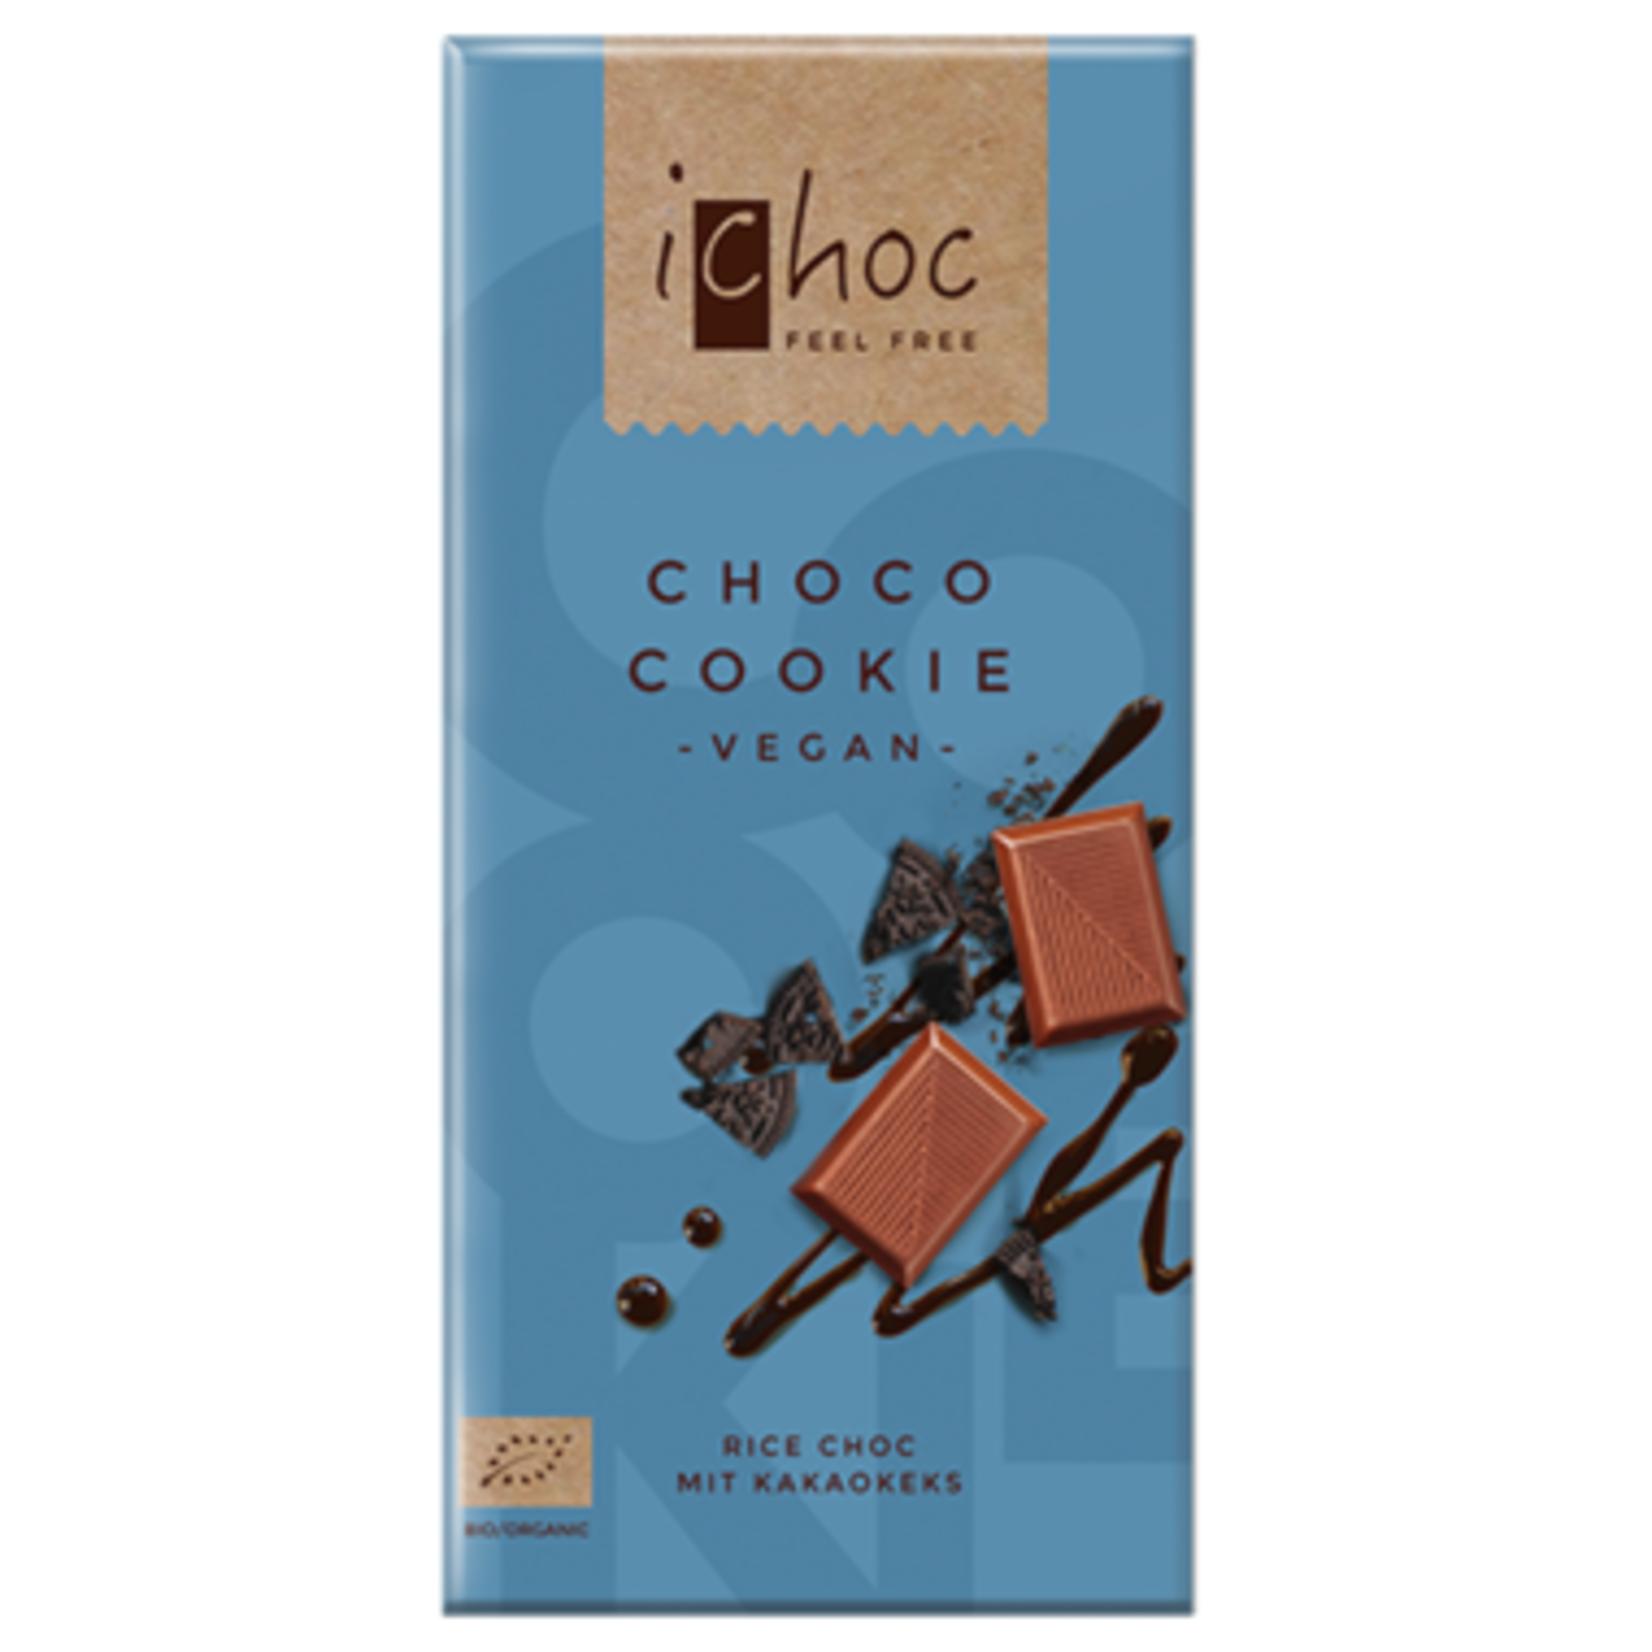 Ichoc Choco Cookie Vegan Chocolate 80g